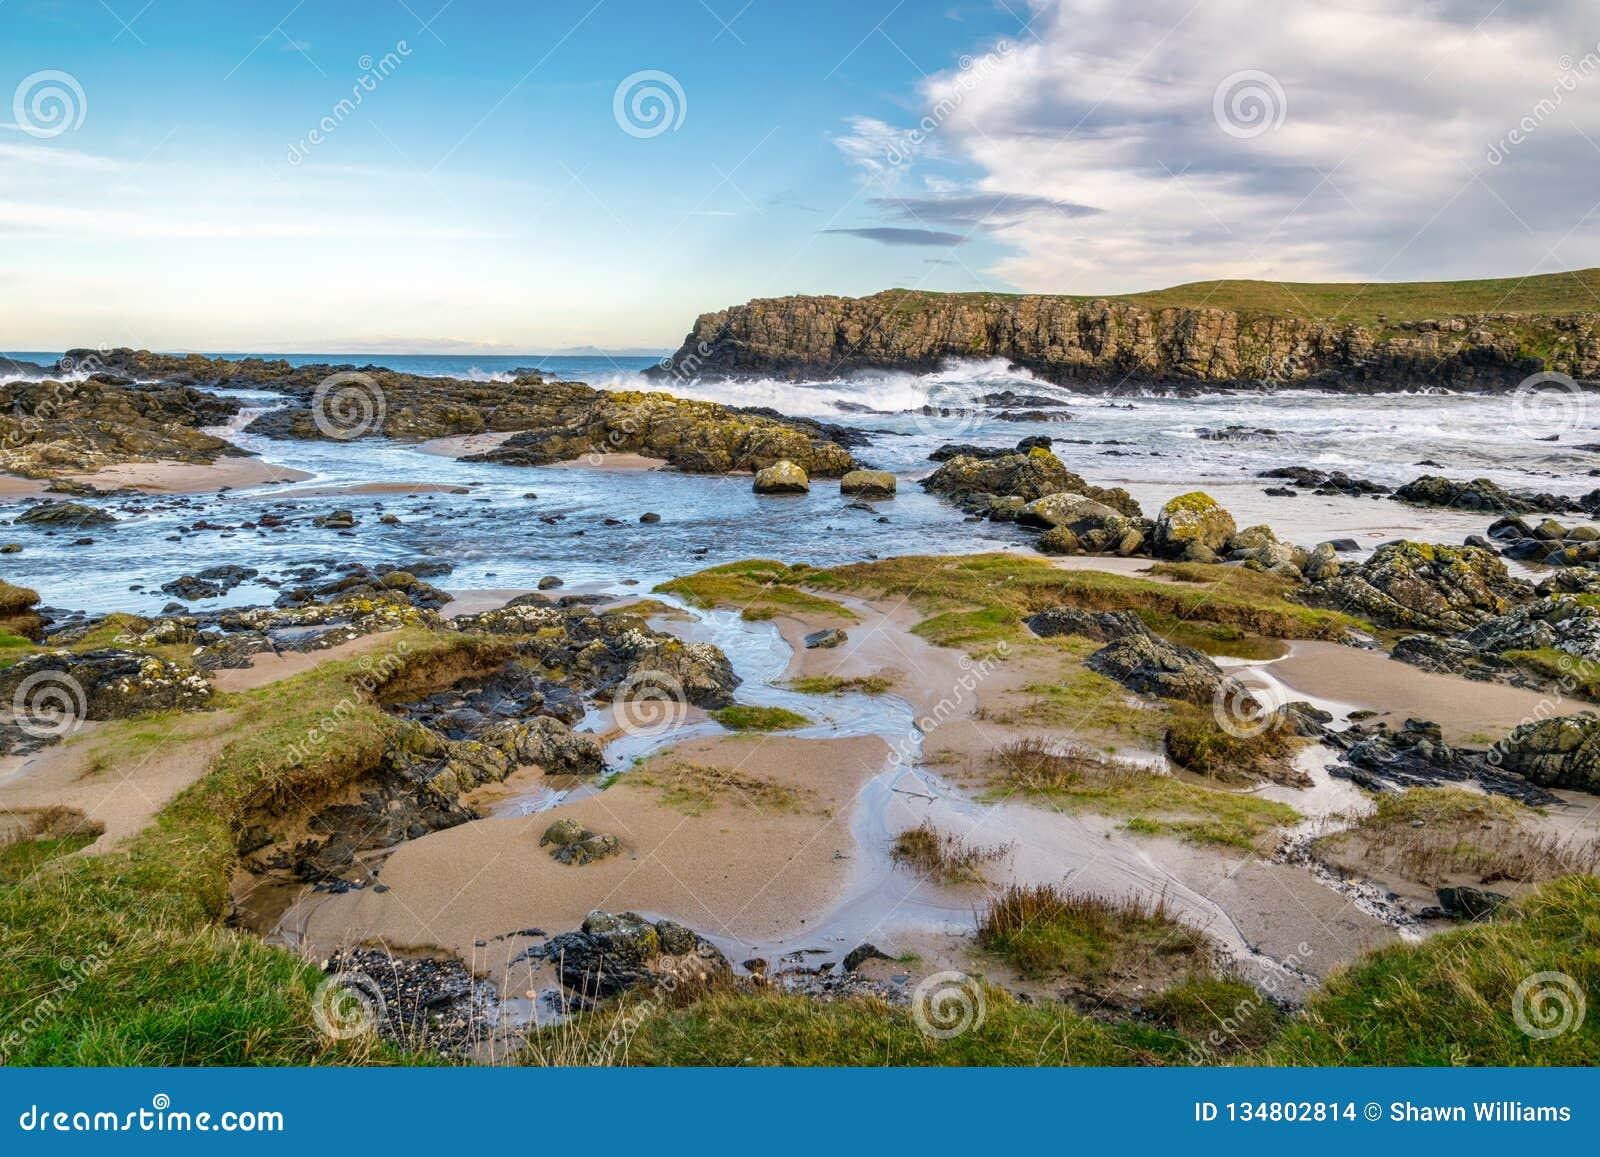 Antrim Coast shore